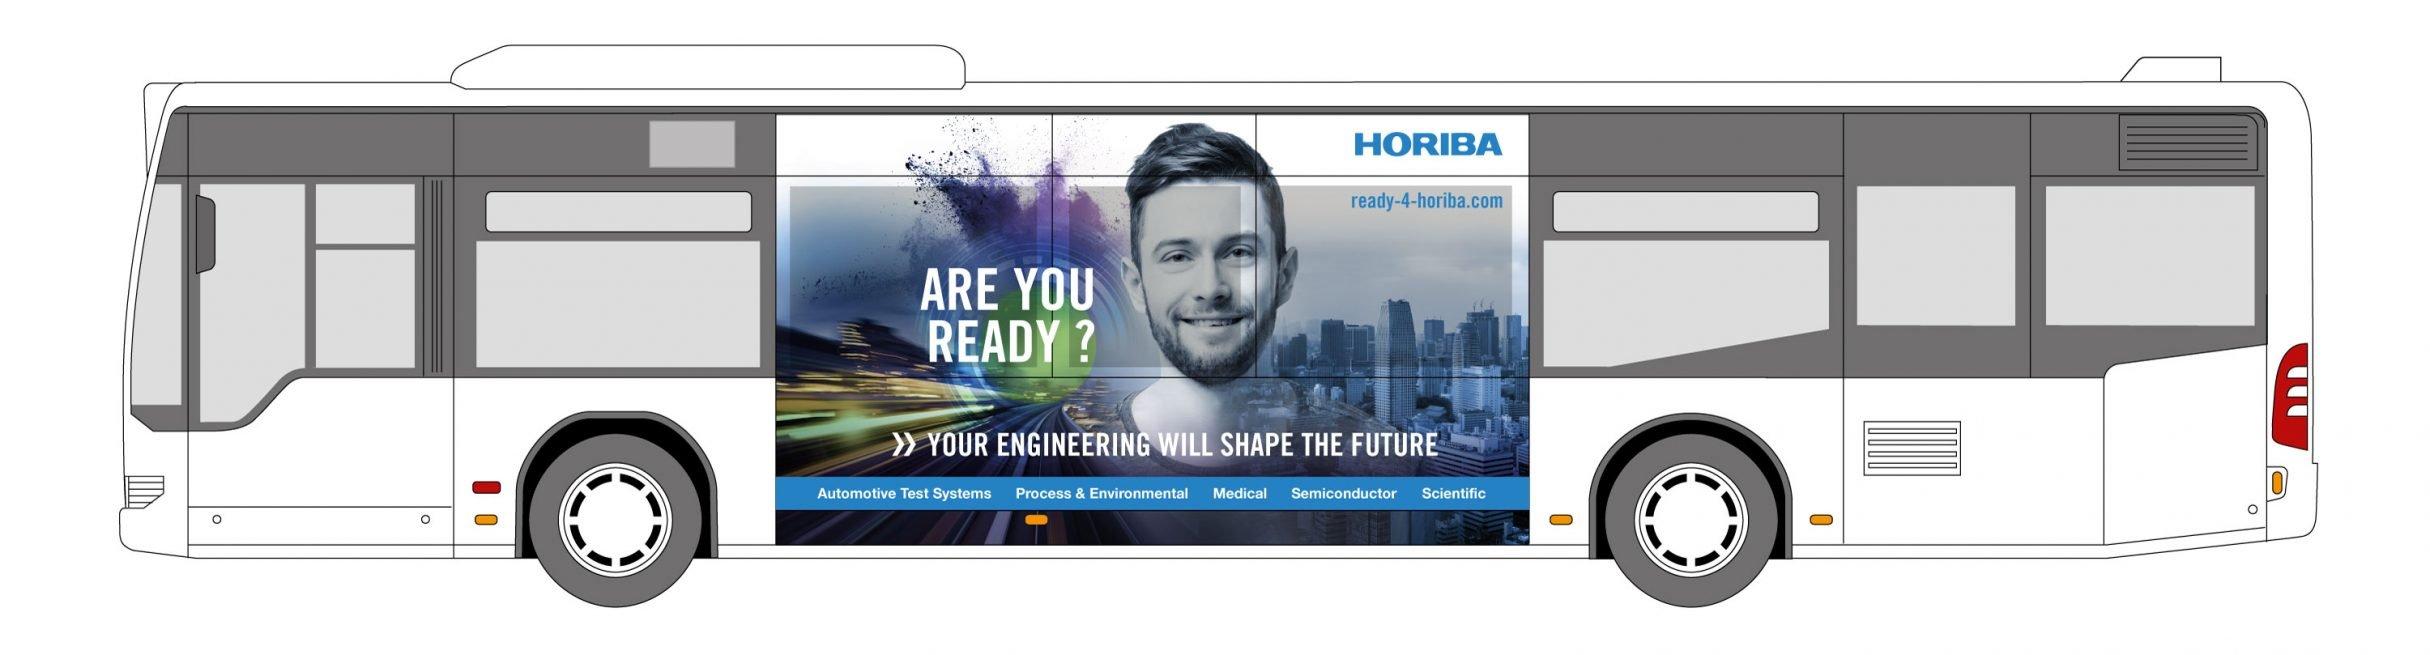 Recruiting Kampagne, Verkehrsmittelwerbung für HORIBA: DIE NEUDENKER® Agentur, Darmstadt